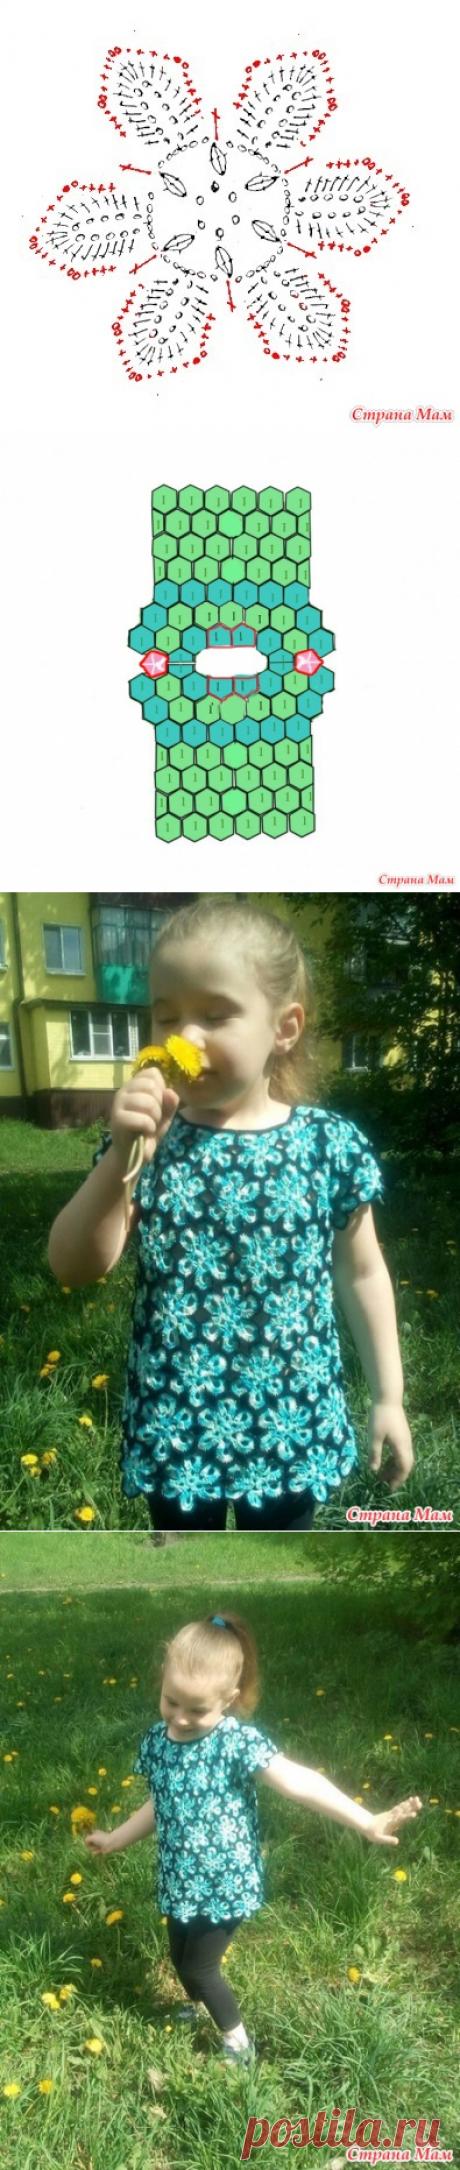 Туника для внучки - Вязание - Страна Мам